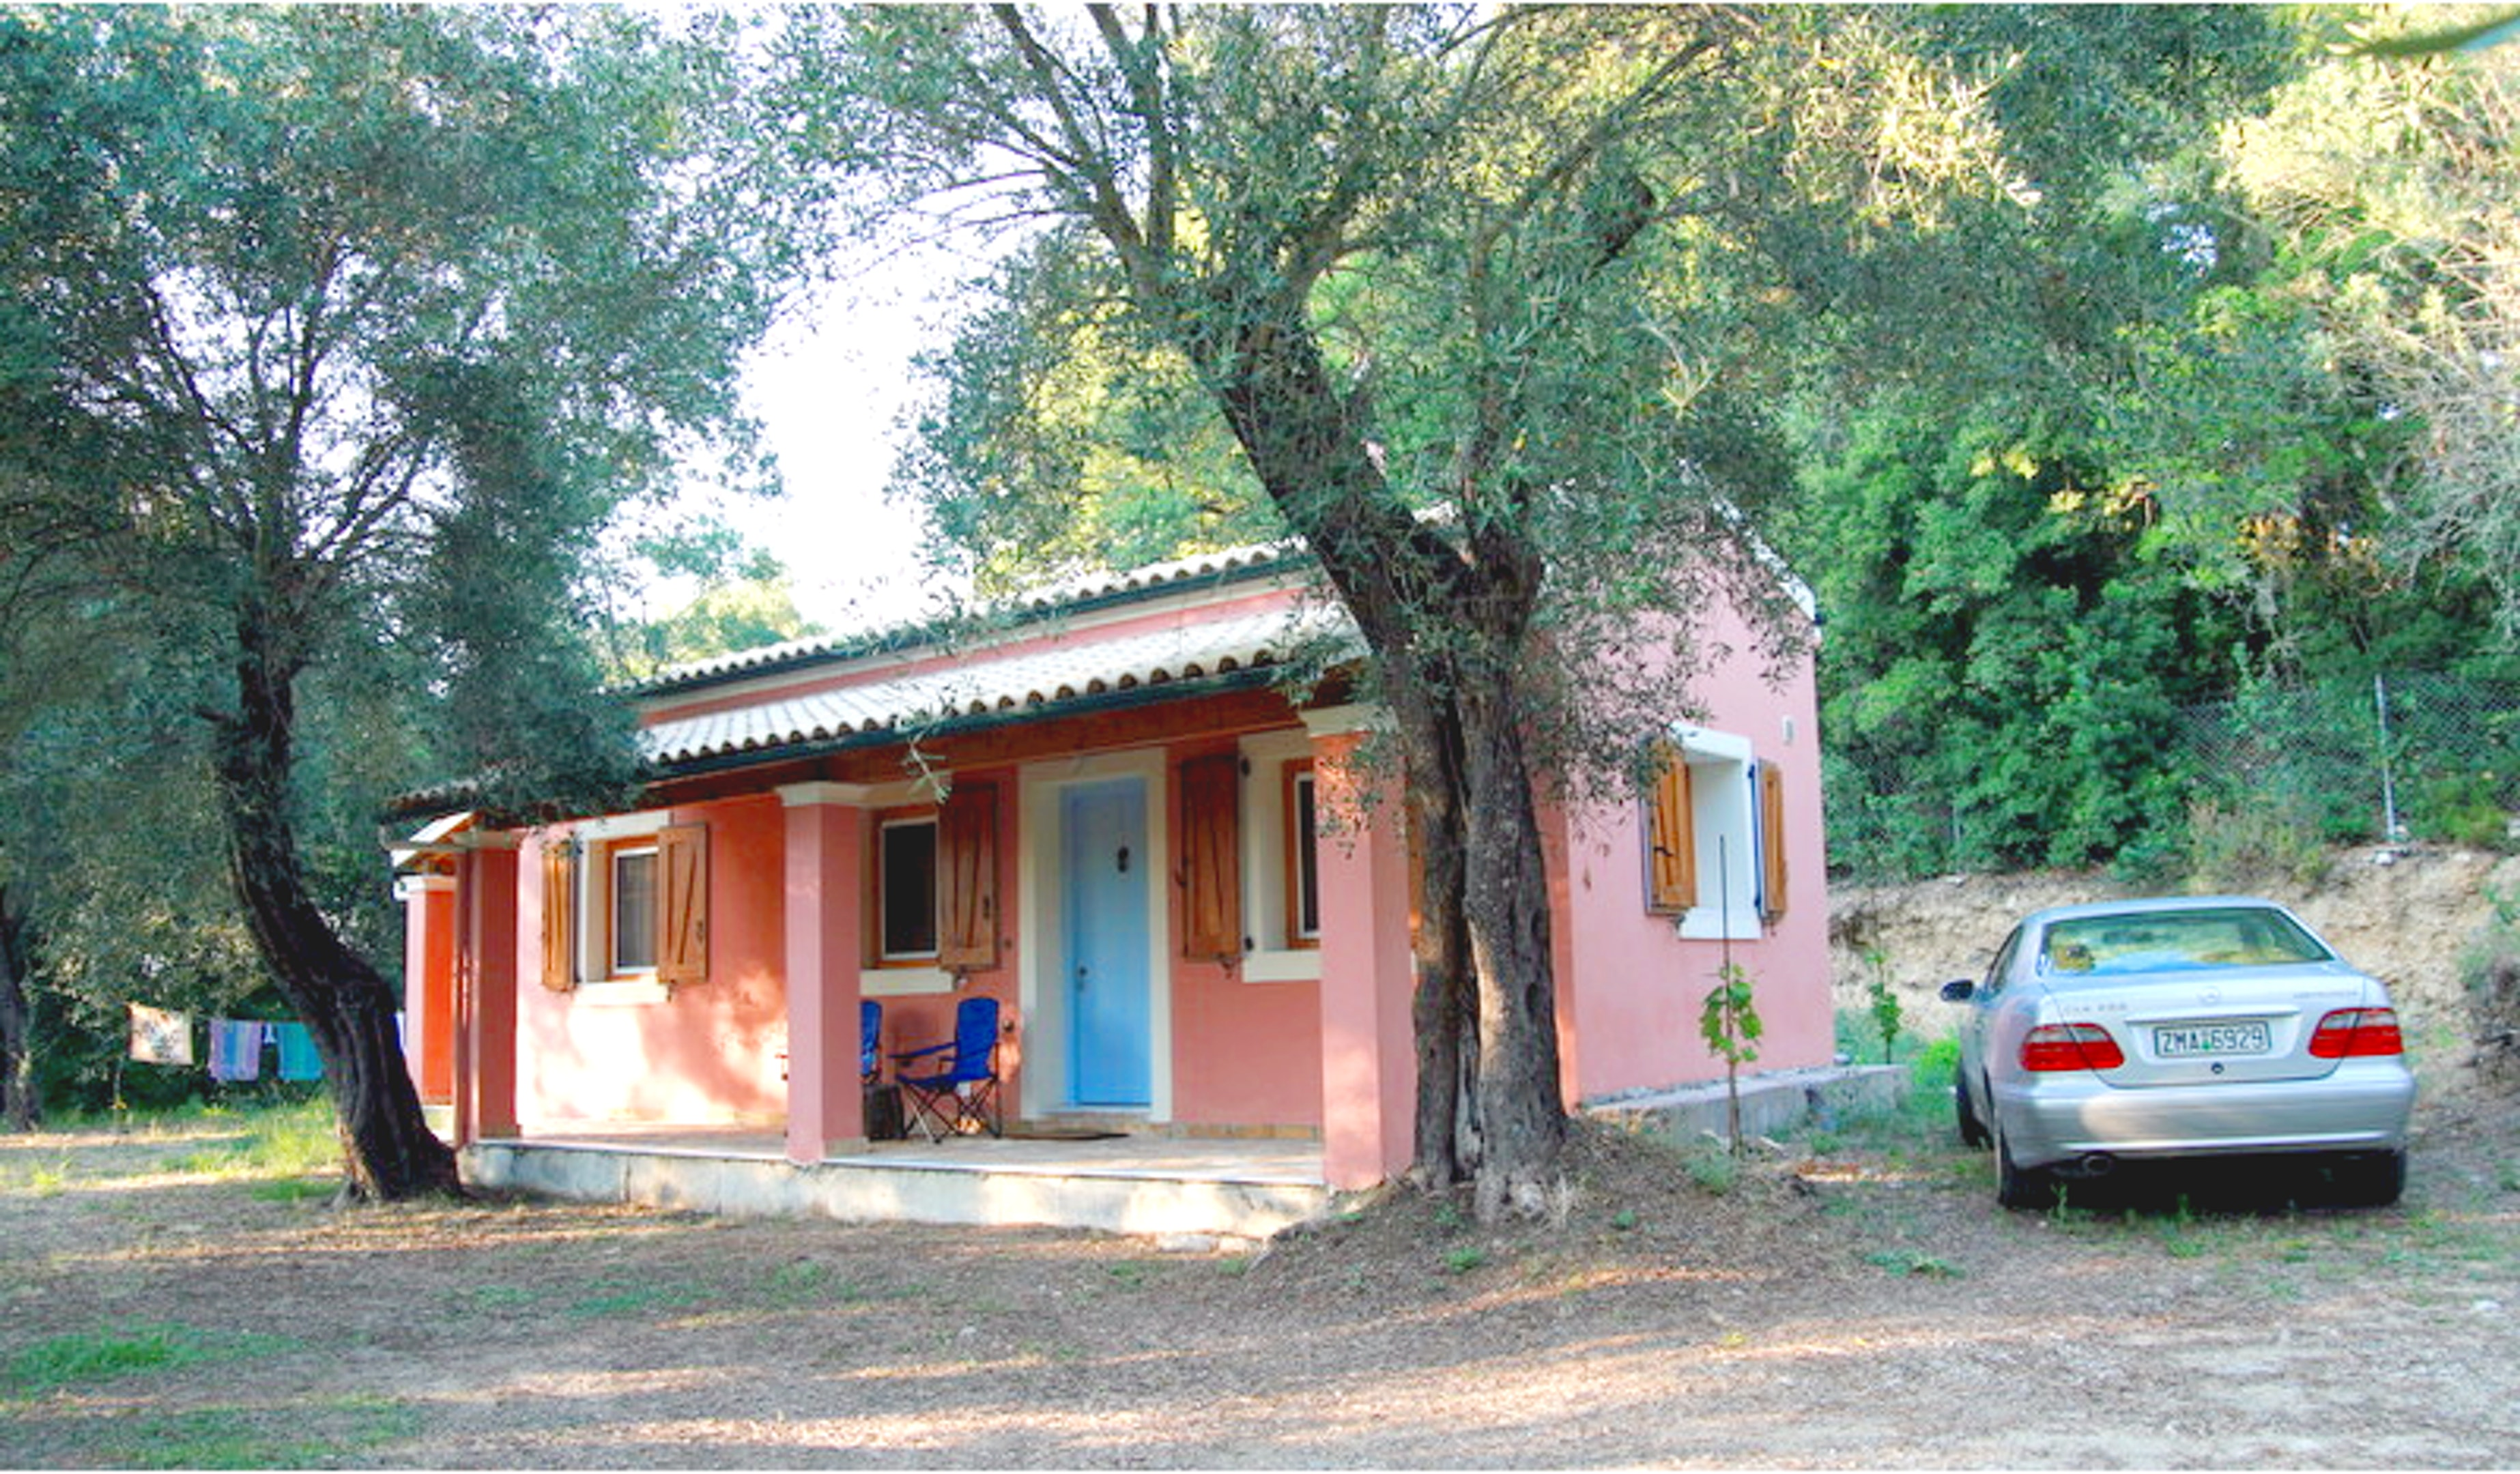 Maison de vacances Haus mit 2 Schlafzimmern in Corfou mit toller Aussicht auf die Berge (2202447), Moraitika, Corfou, Iles Ioniennes, Grèce, image 2